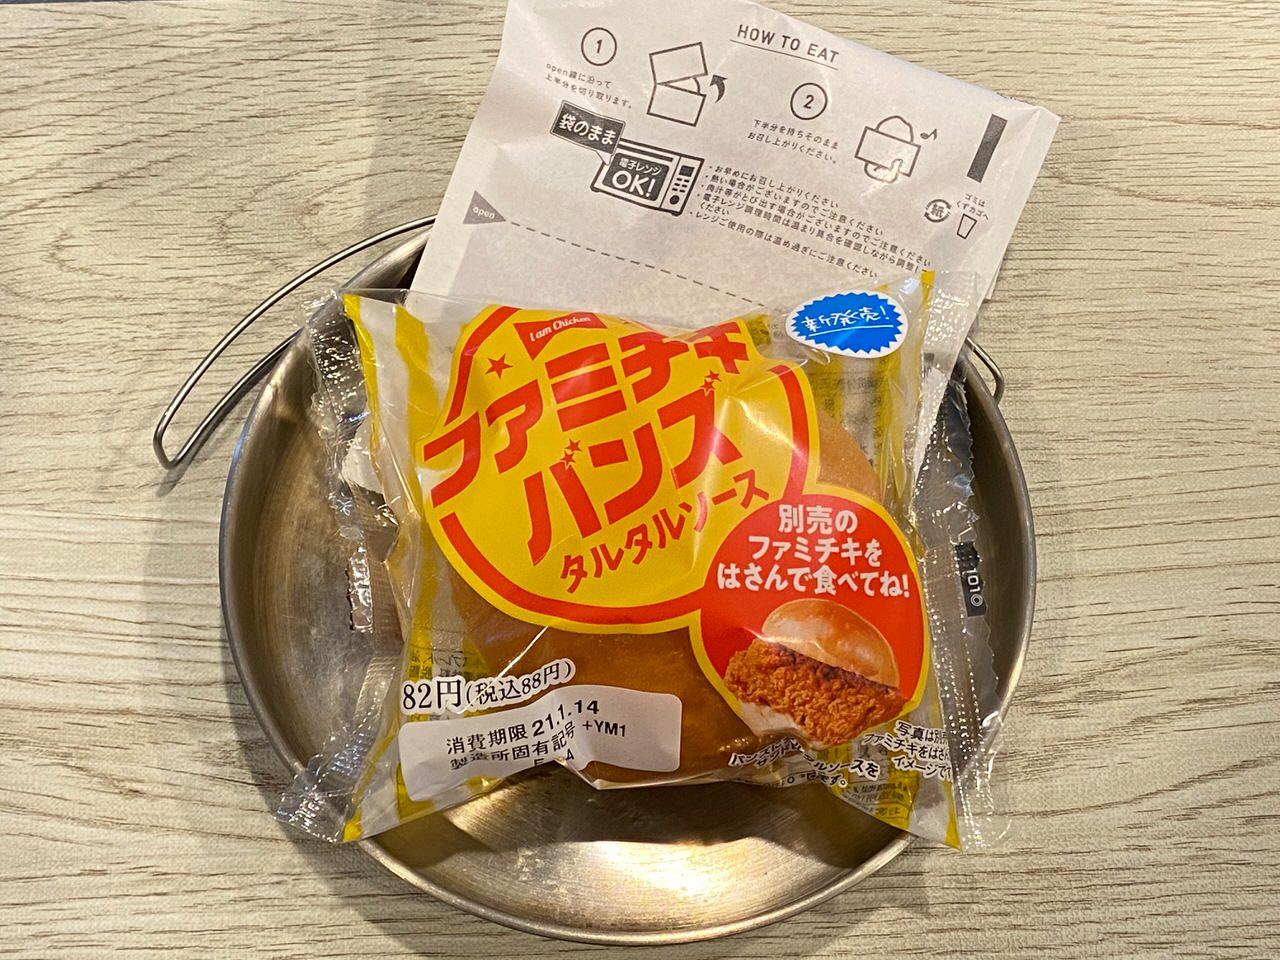 発売された「ファミチキバンズ」でファミチキを挟んで「ファミチキバーガー」してみたらタルタルソースがぐぅ旨! 06